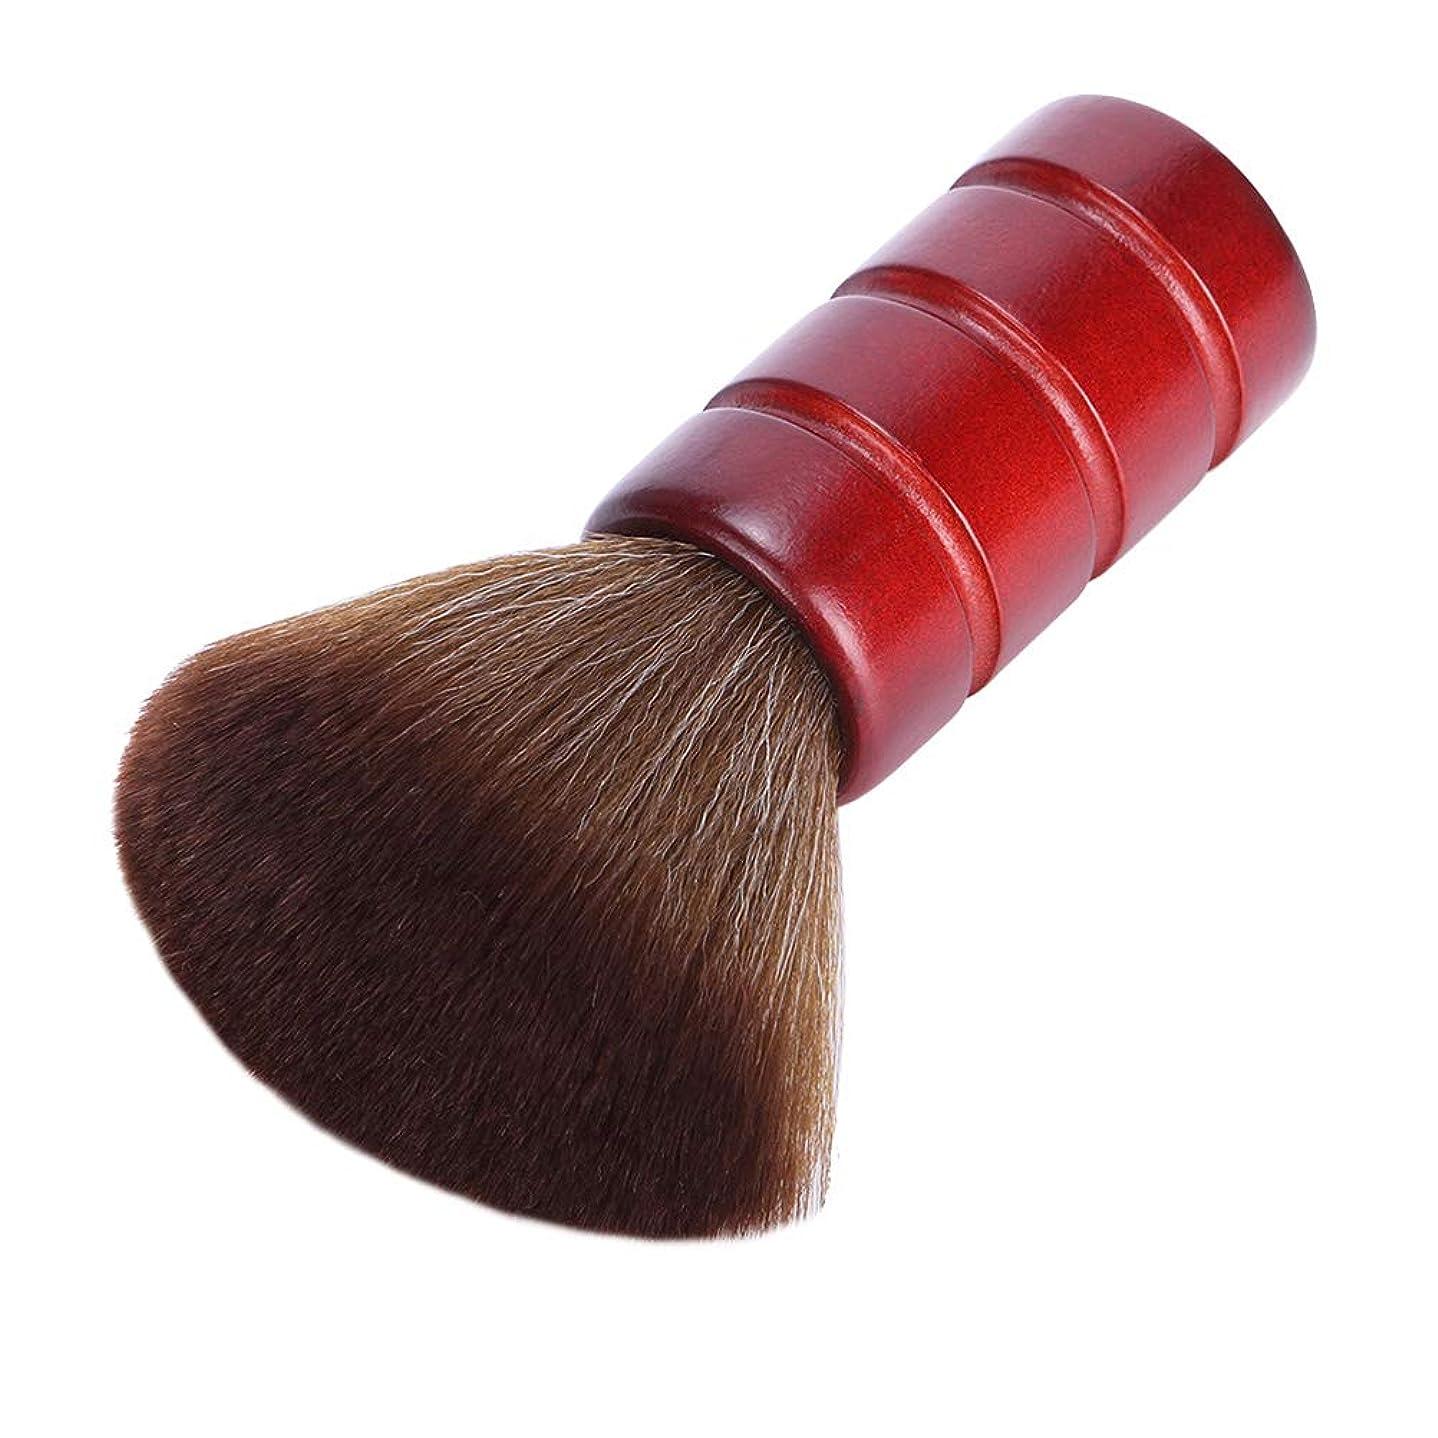 ほとんどない歩行者誰のLurroseプロフェッショナルヘアカットブラシソフトファイバーフェイスネックダスターブラシ理髪サロン理容ツール